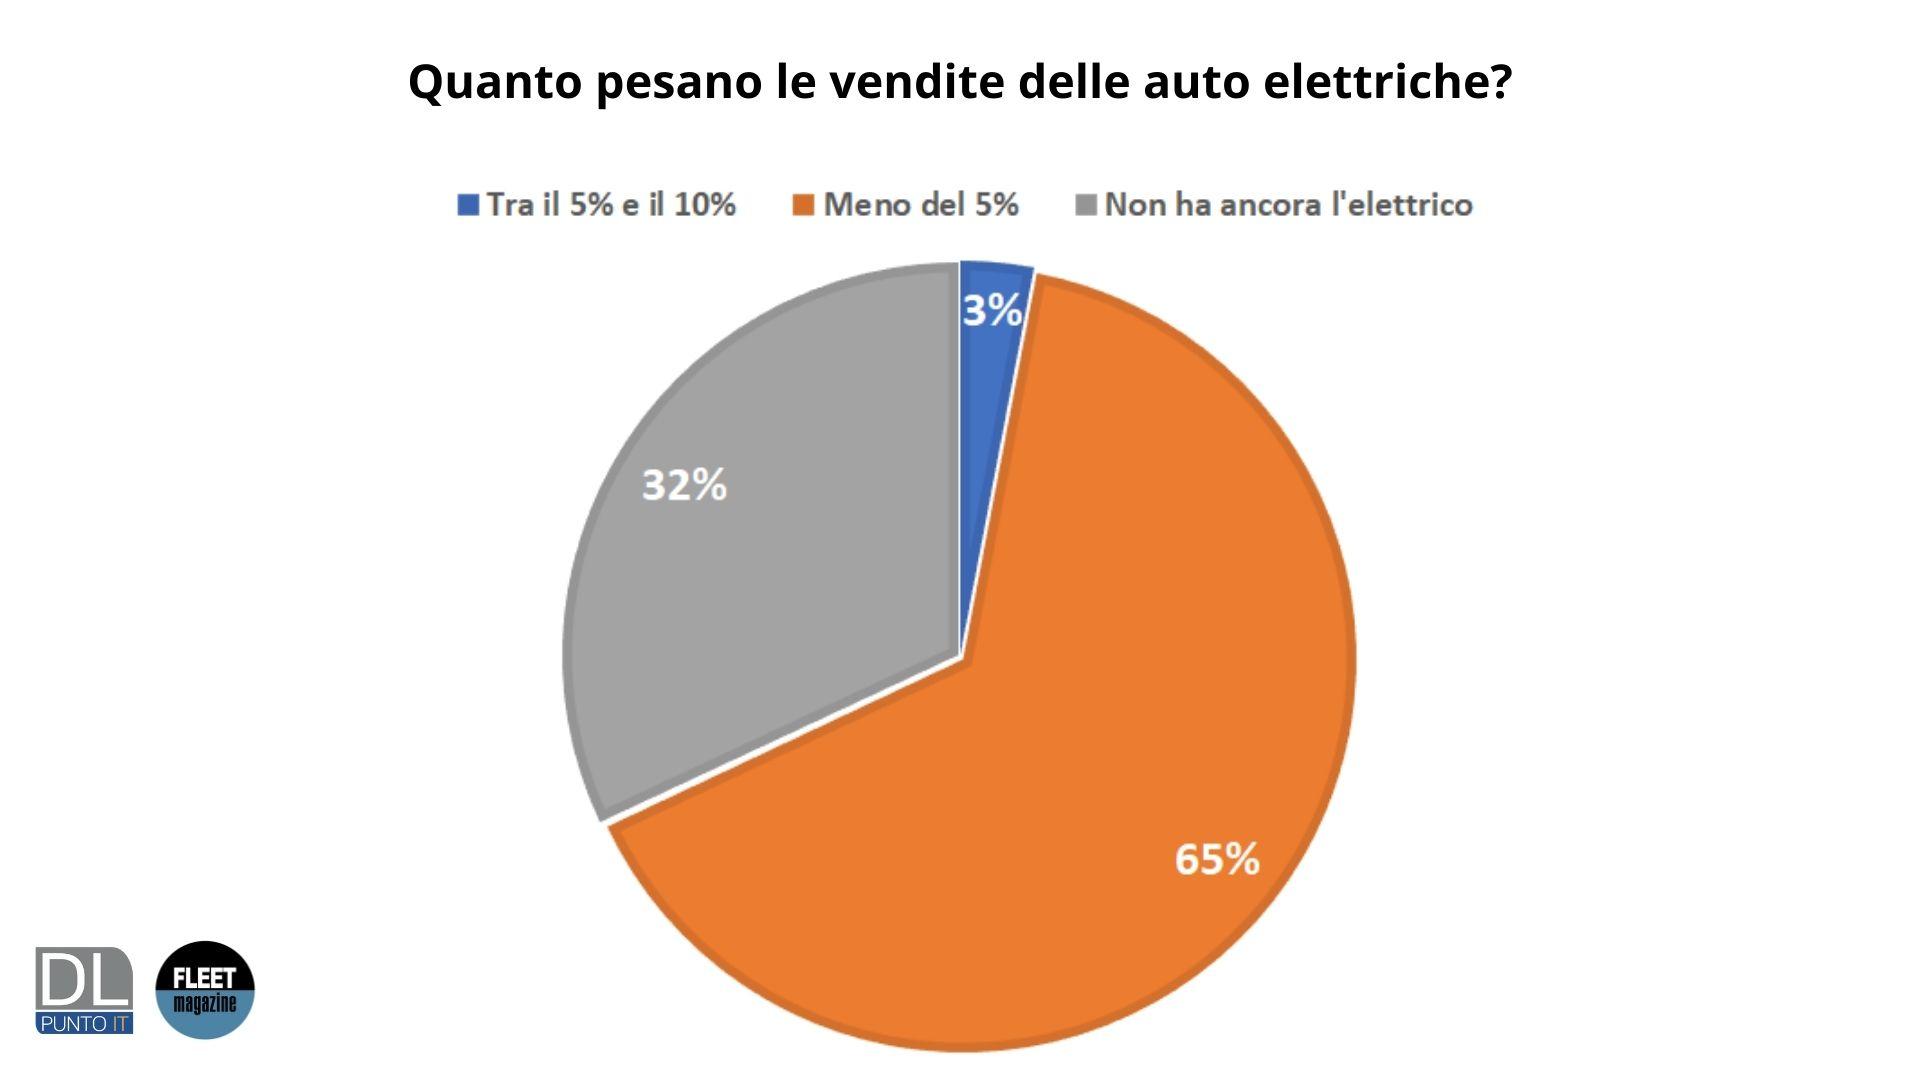 vendite auto elettriche quanto pesano